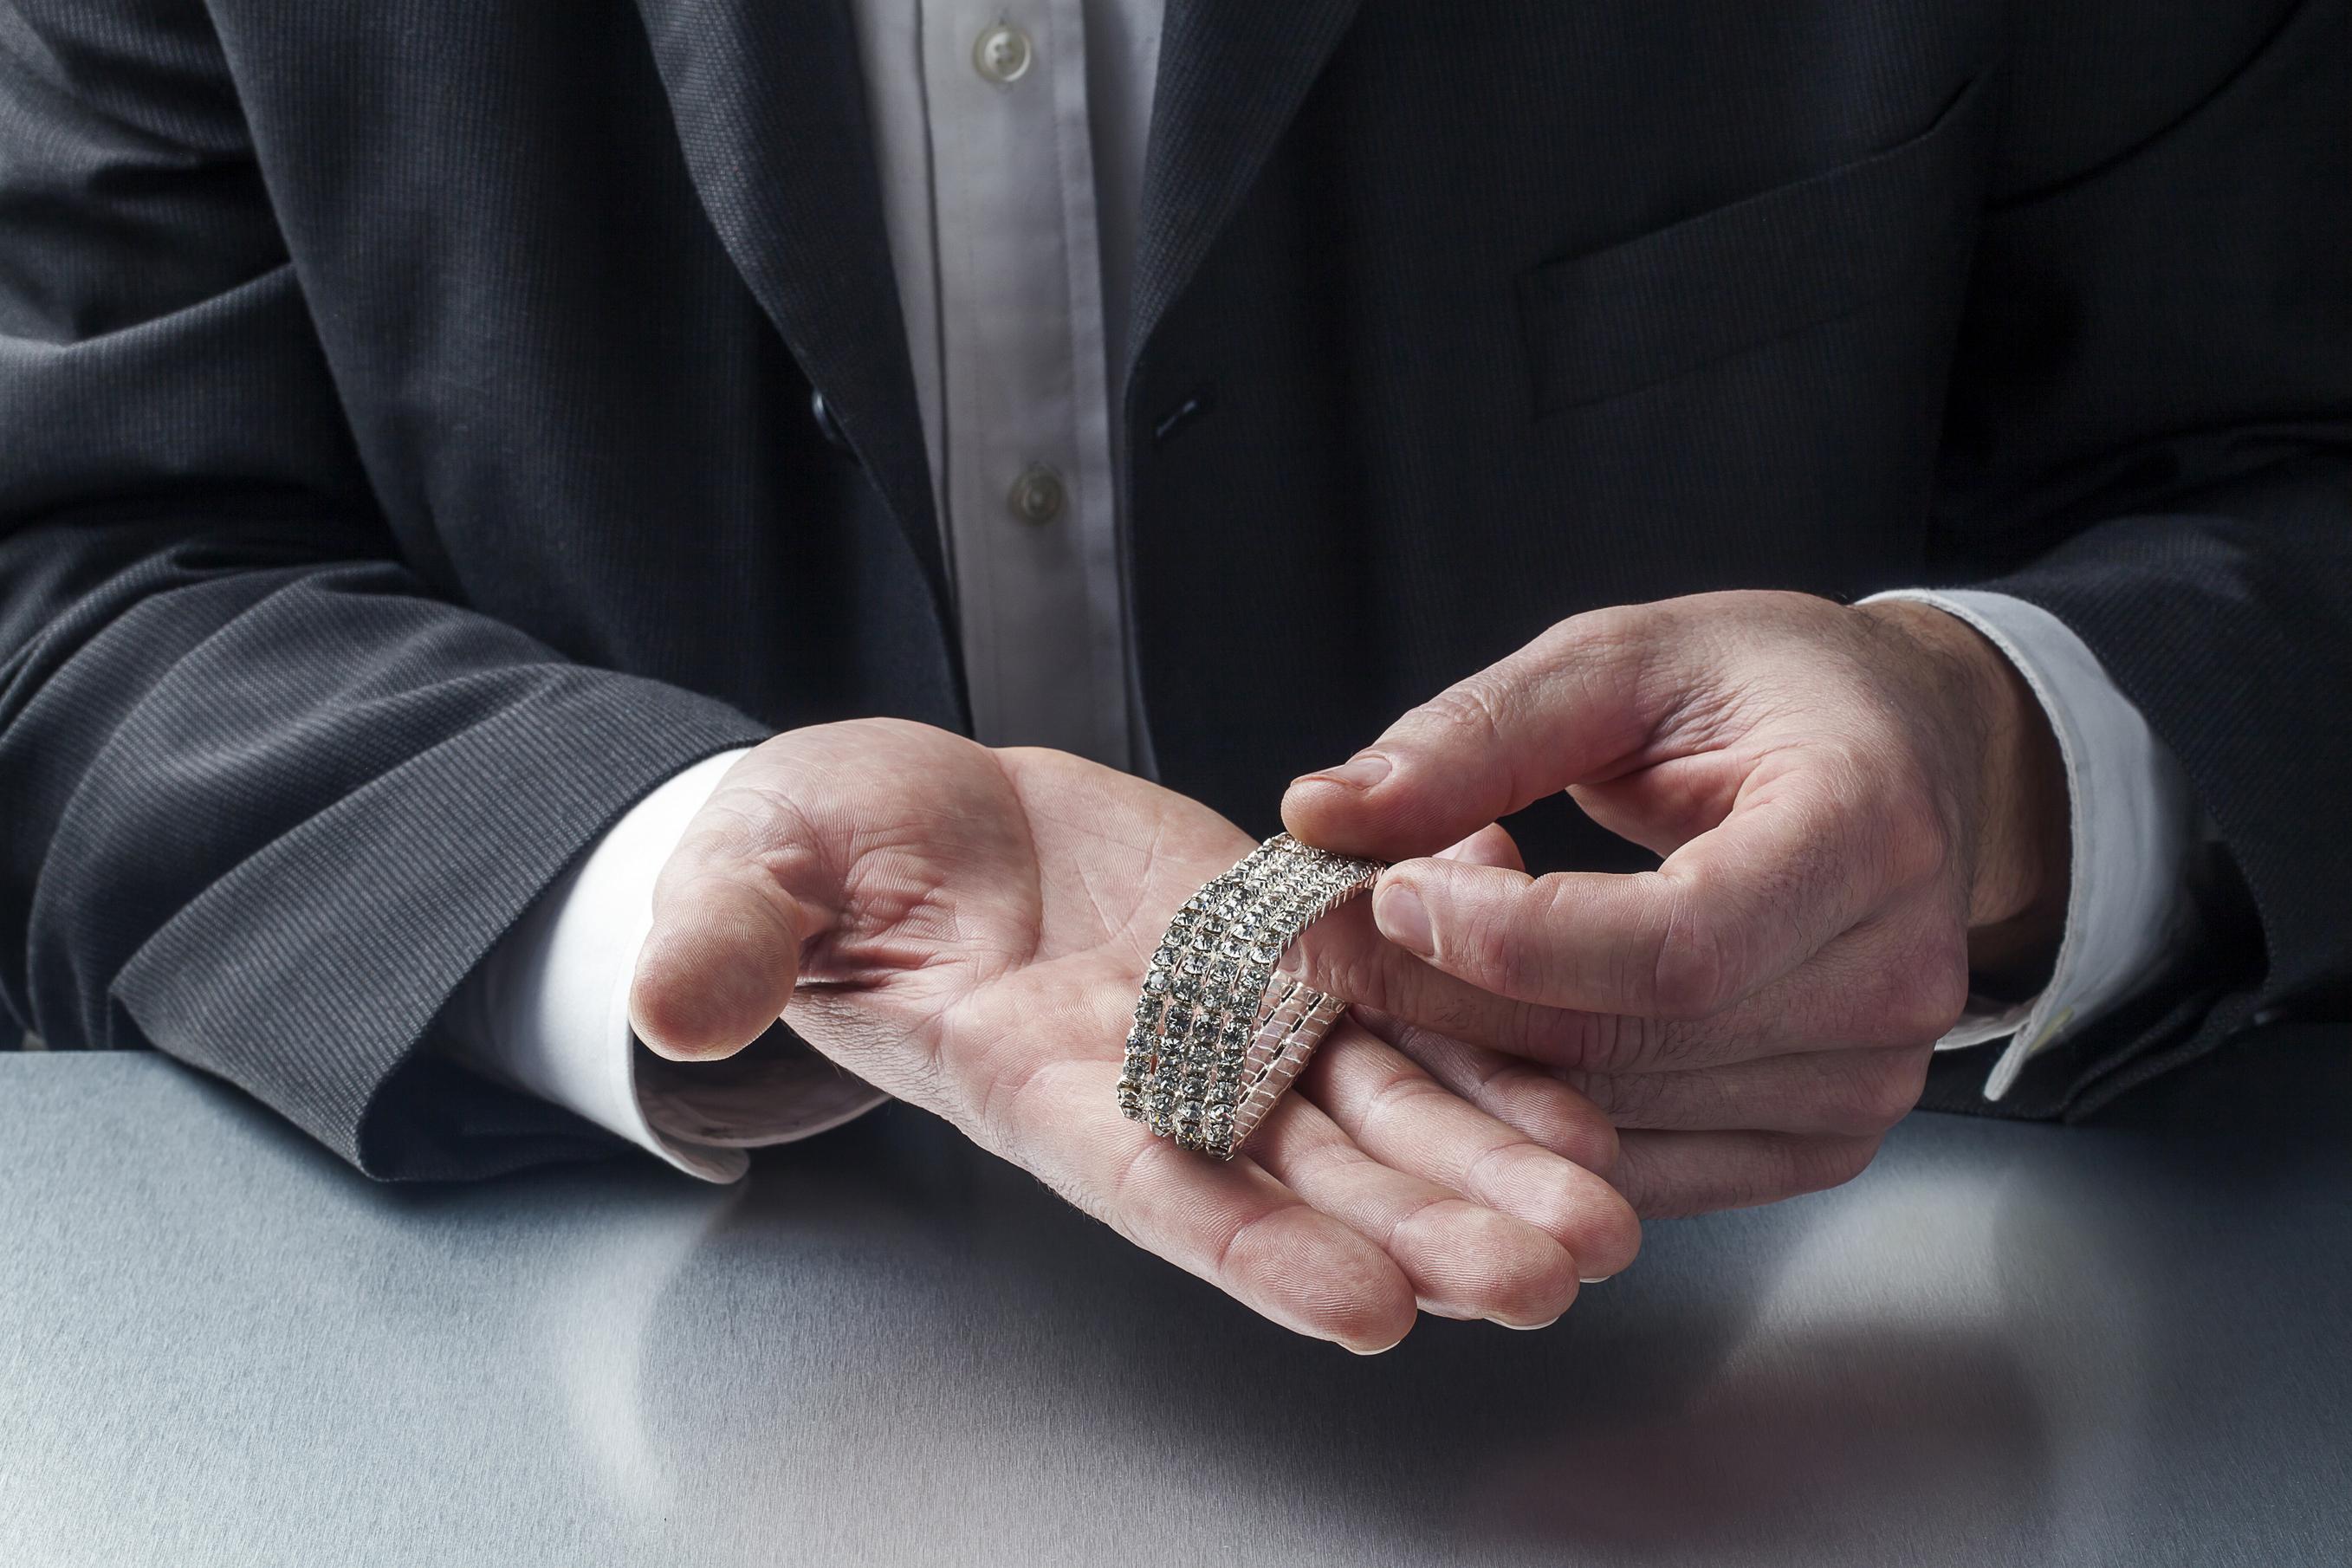 male appraiser's hands holding sparkling bracelet in hands